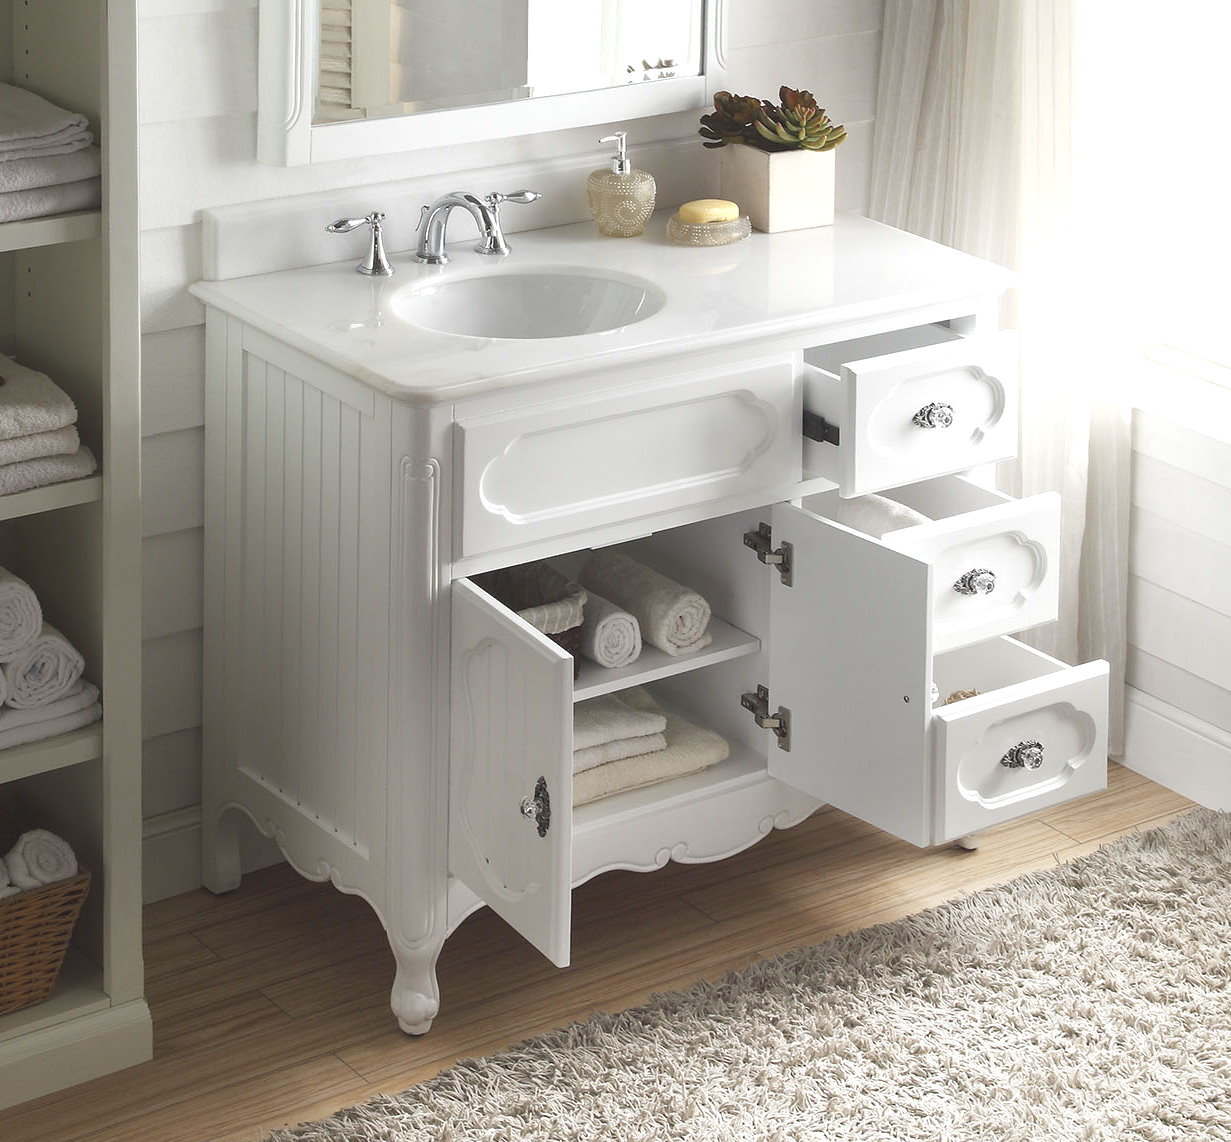 42in Haley Vanity   Left Sink Vanity   Summer Home Vanity